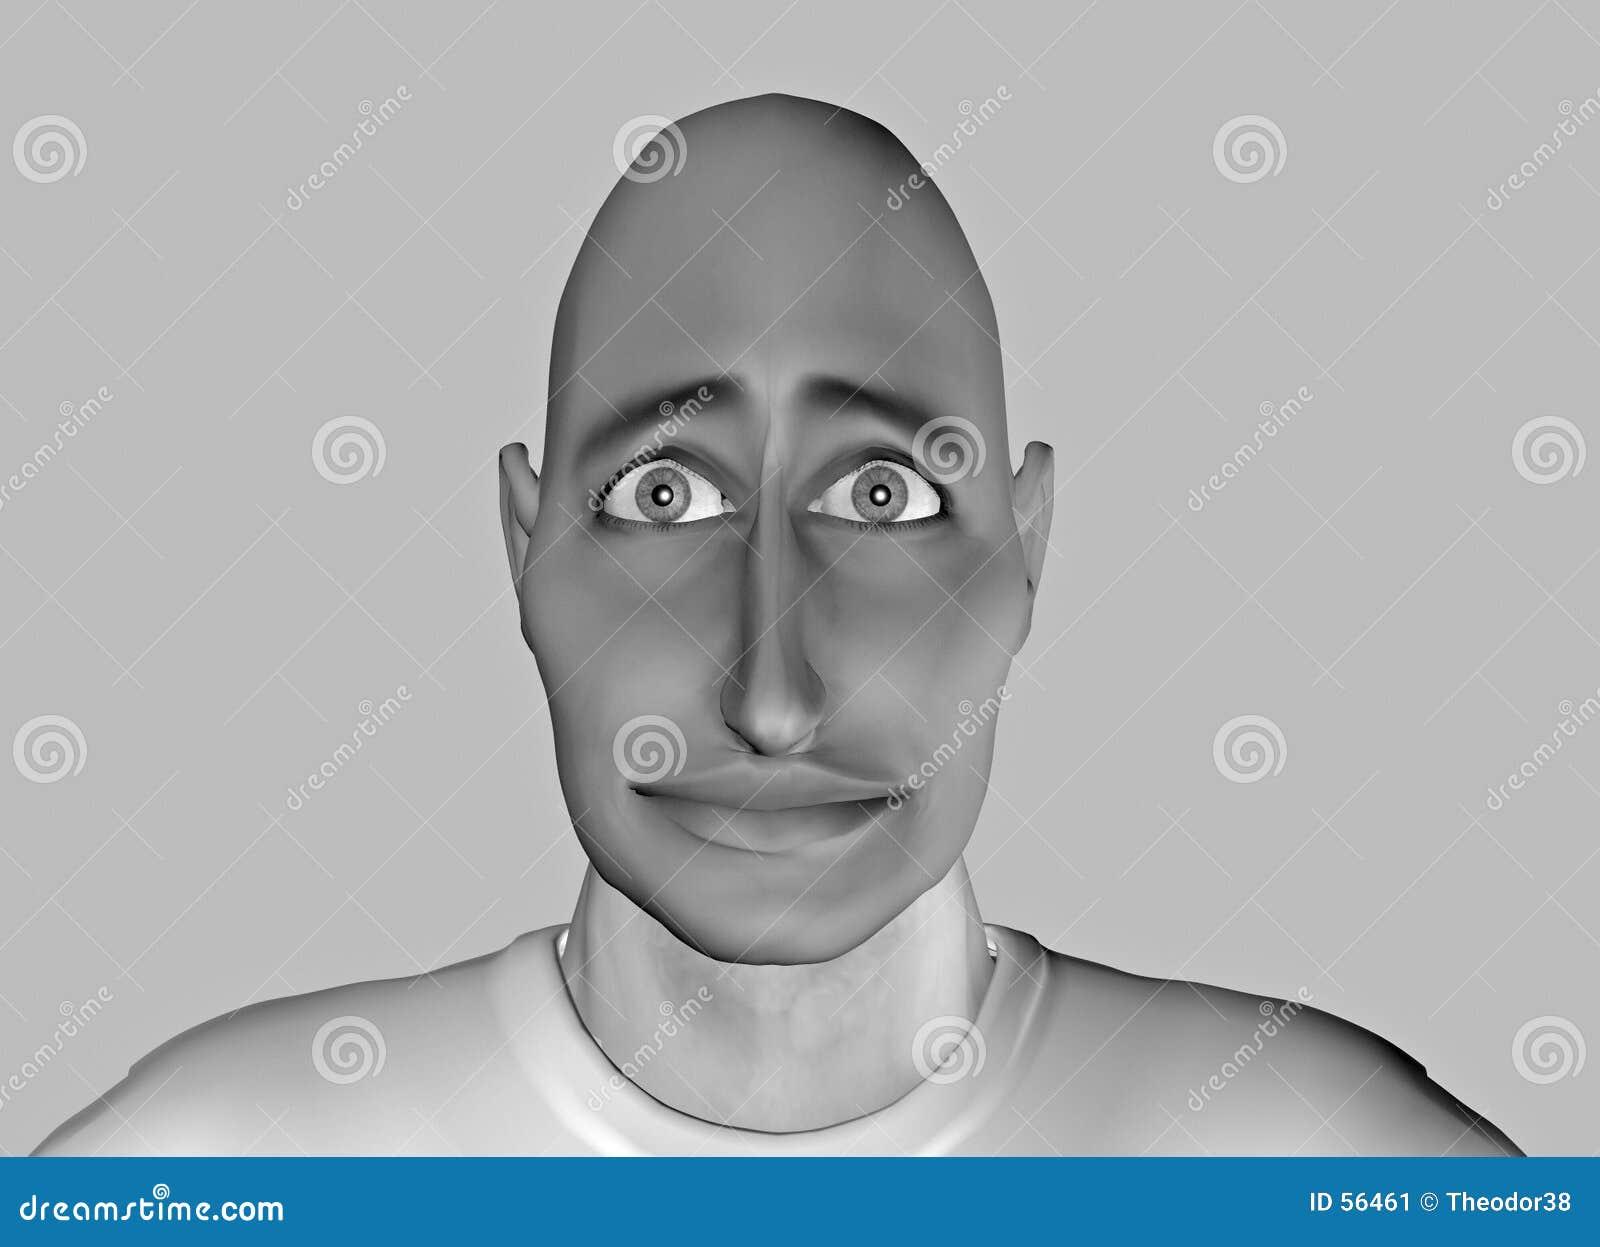 Grappige gezicht-13